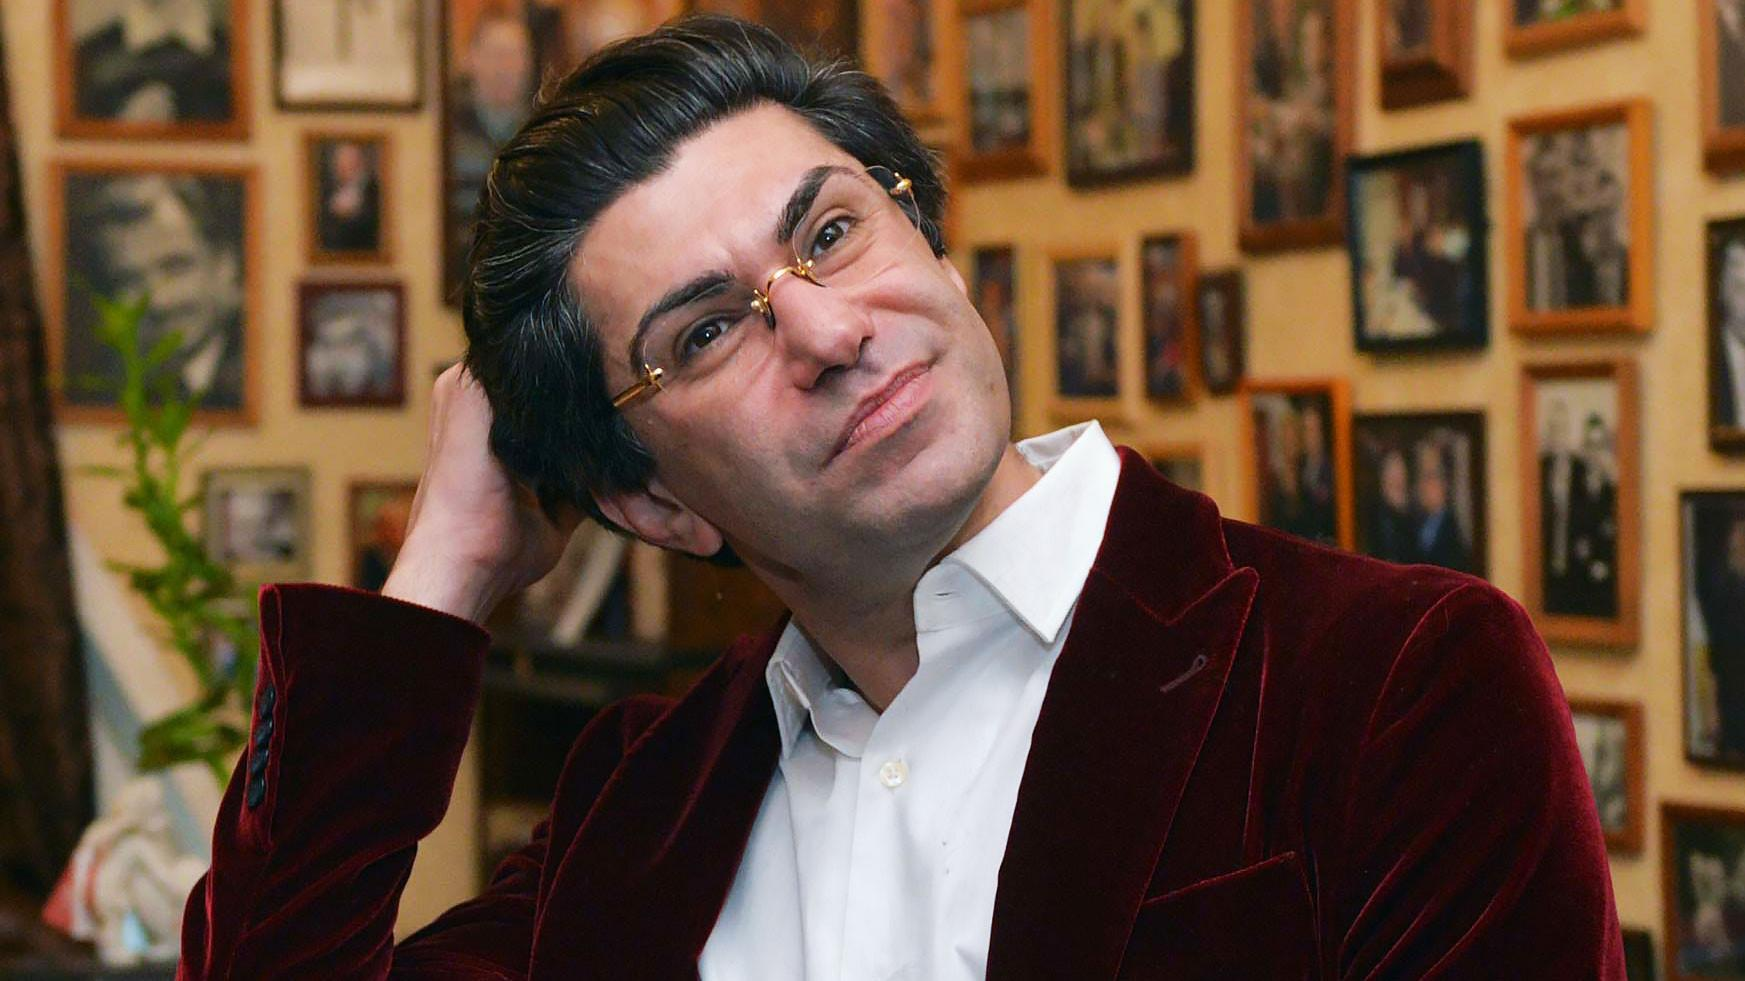 <p>Николай Цискаридзе. Фото © LIFE / Дмитрий Киселёв</p>